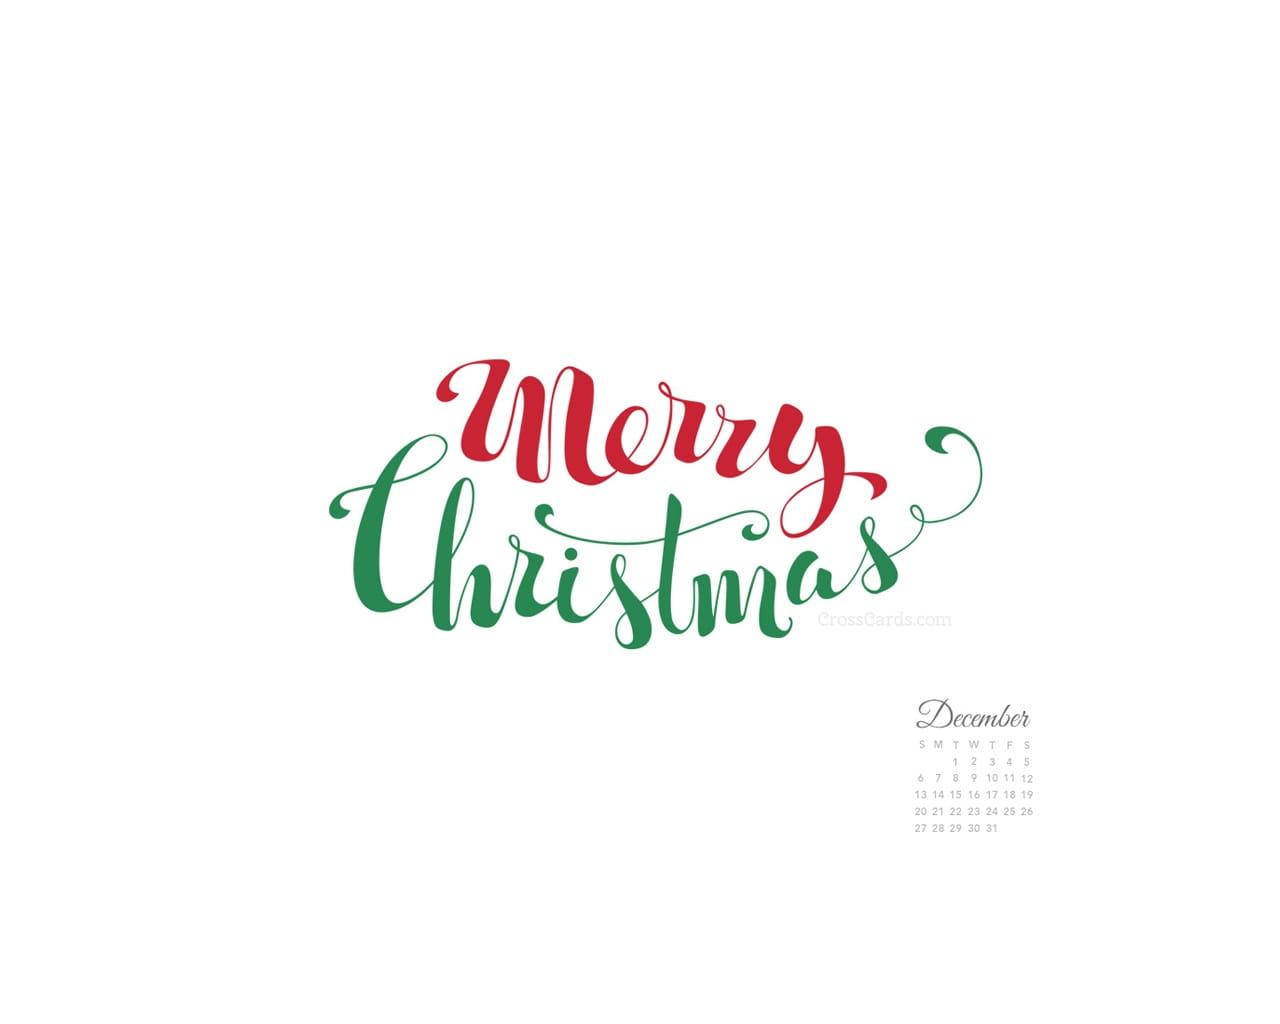 December 2015 - Merry Christmas Handwritten Desktop Calendar- Free ...